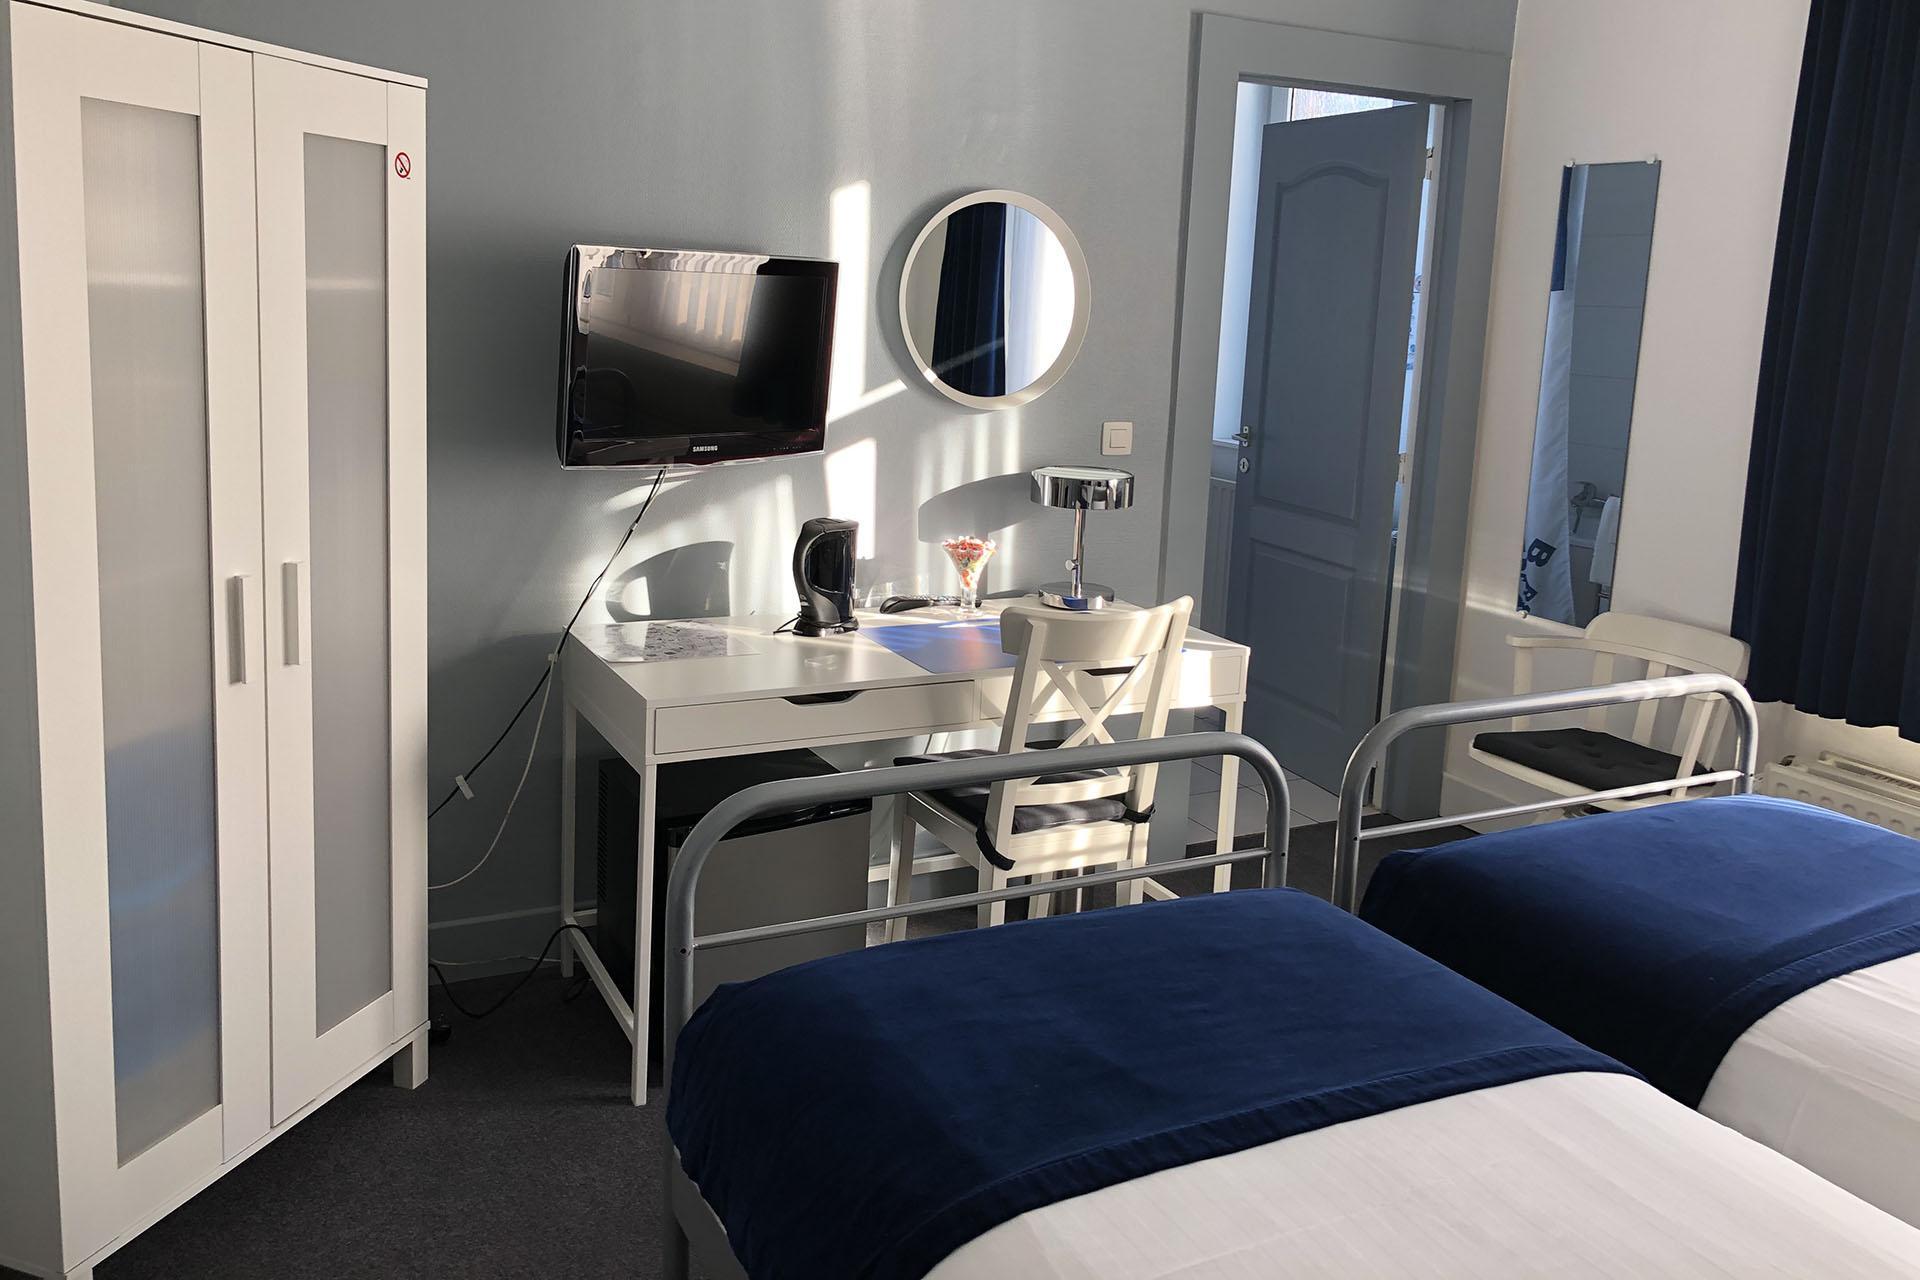 Liege Hôtel Eurotel - Chambre - Lits simples